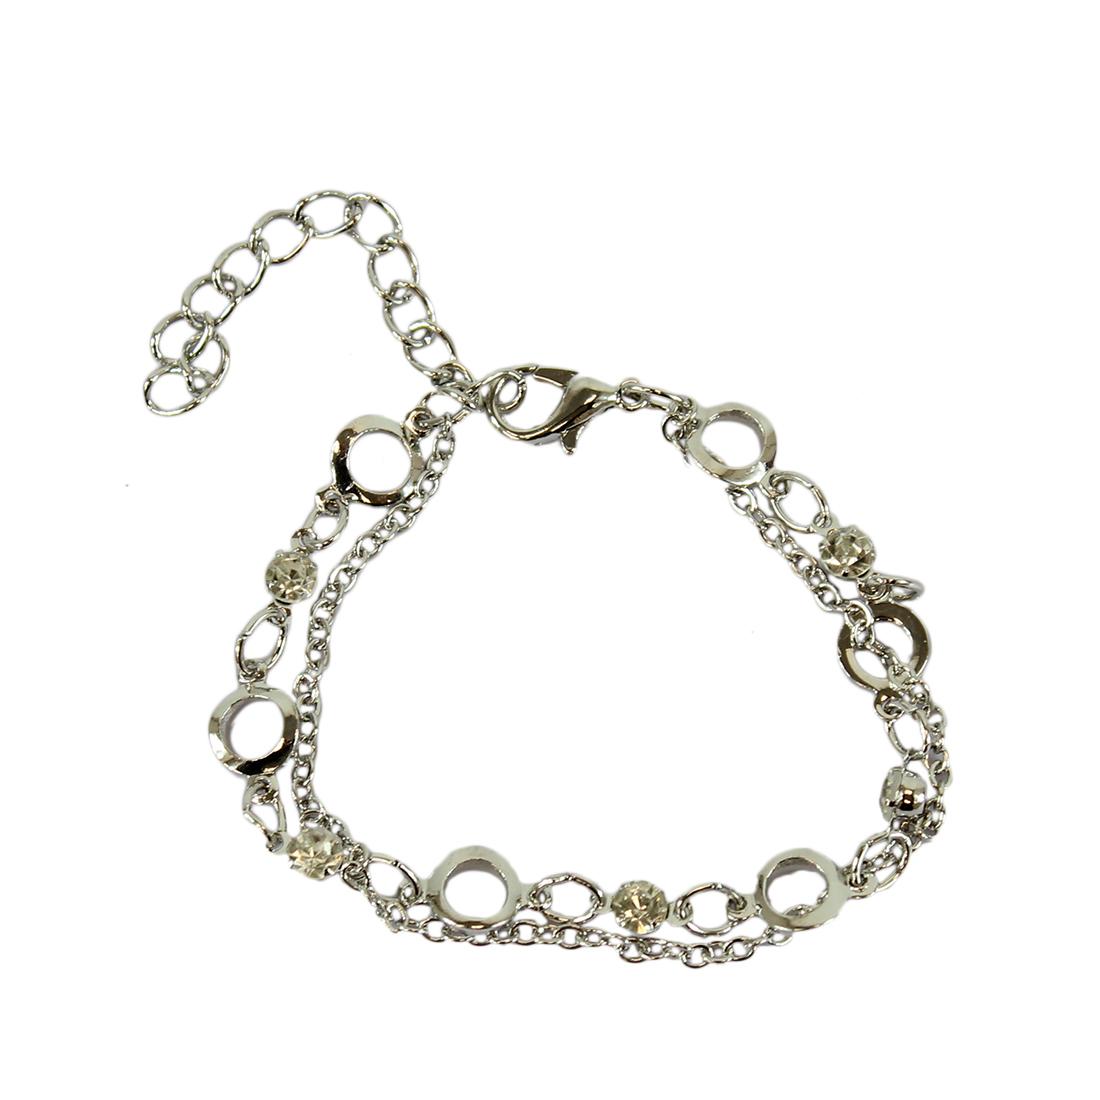 Charm bracelet with diamond trims